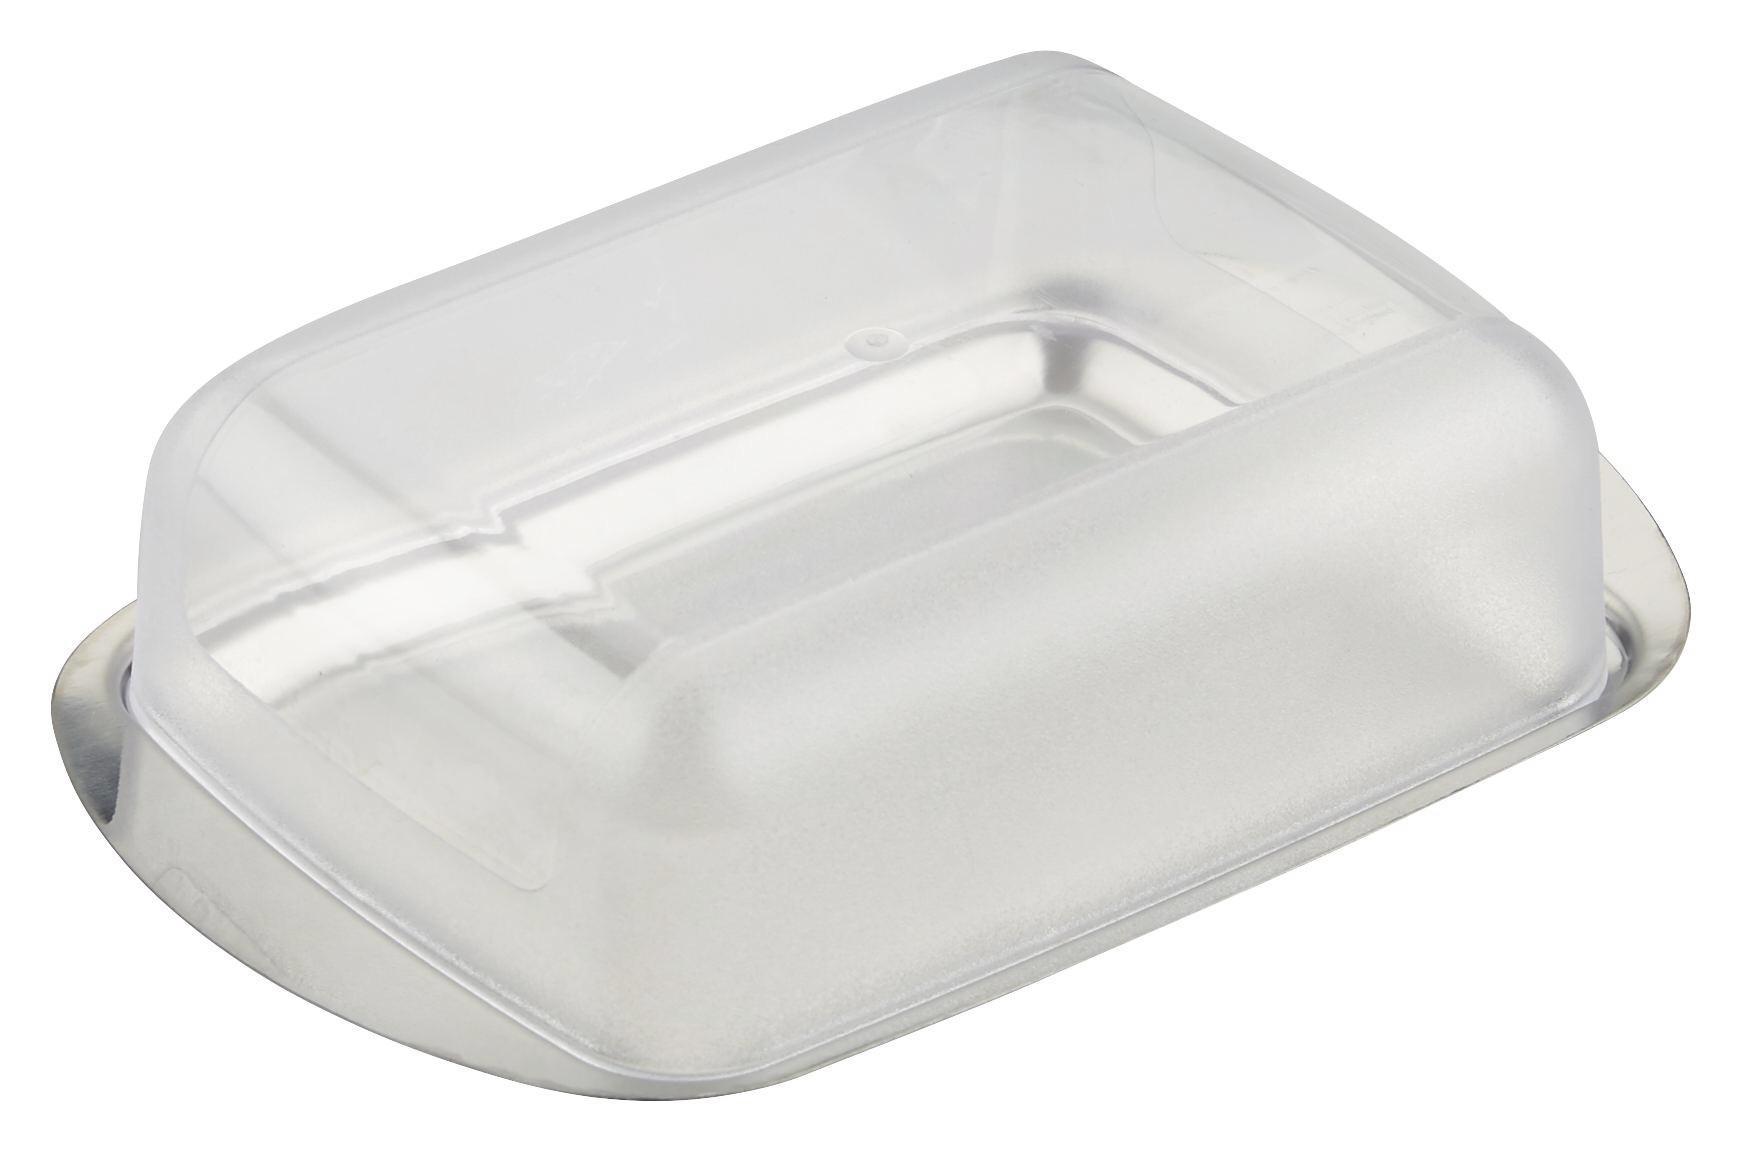 Vajtartó Buddy - áttetsző/ezüst színű, műanyag (16,5/10,5cm) - MÖMAX modern living